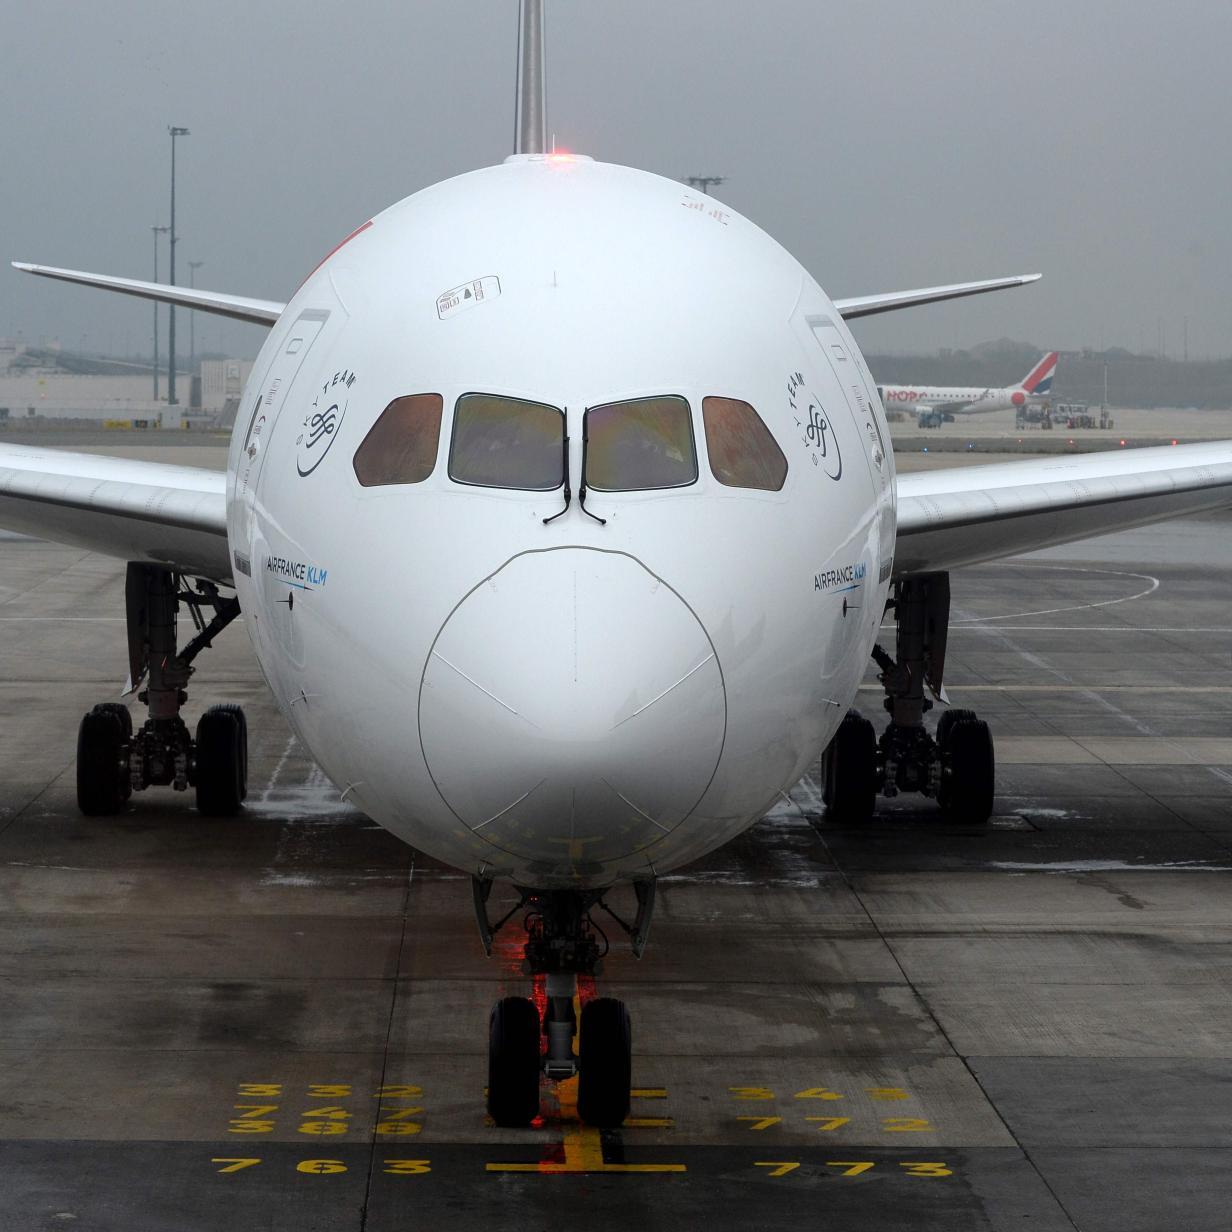 Piloten wegen Sicherheit von Boeings Dreamliner besorgt